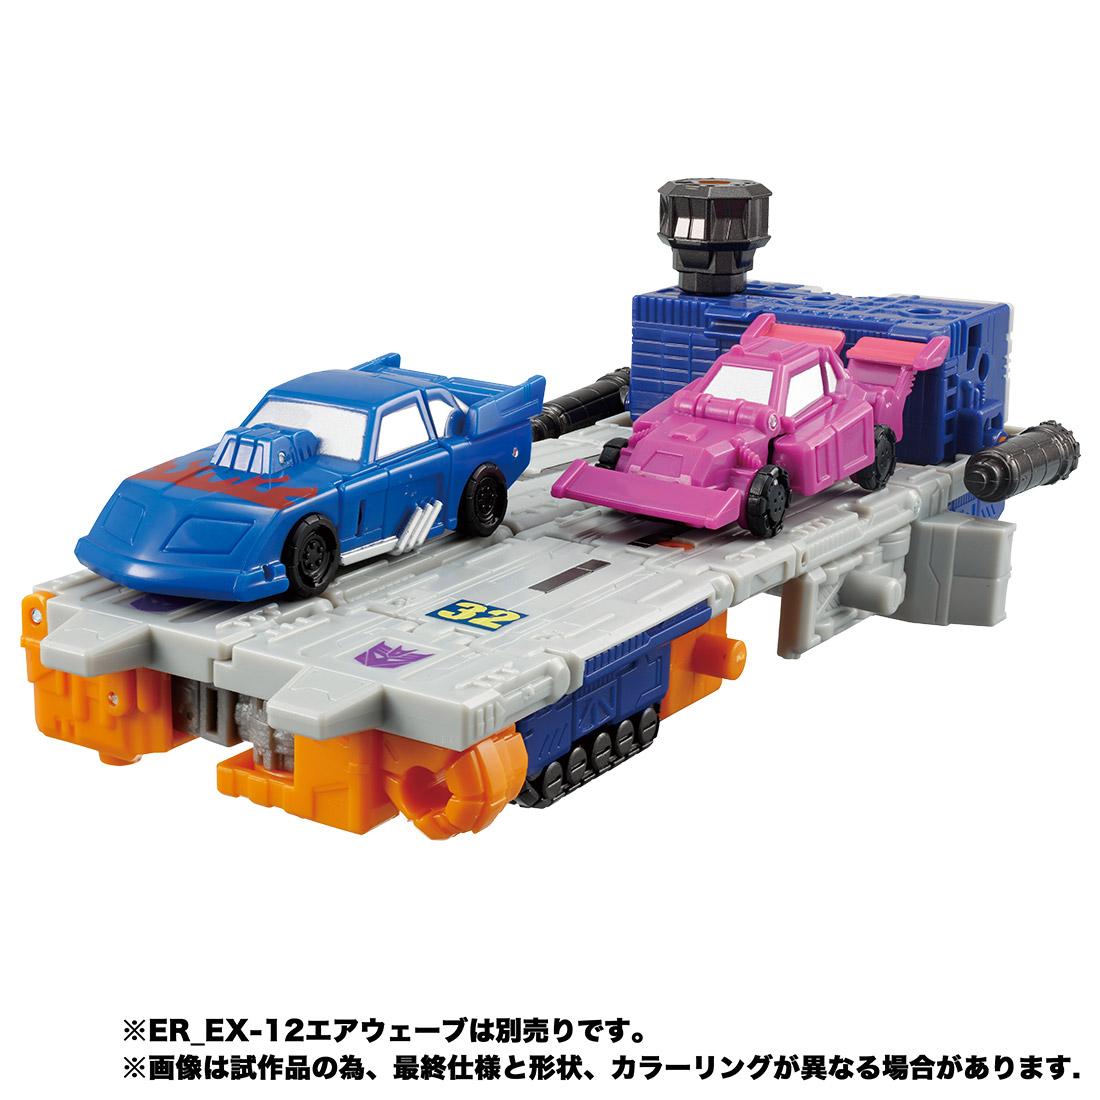 【限定販売】トランスフォーマー アースライズ『ER EX-10 スナップドラゴン』可変可動フィギュア-014